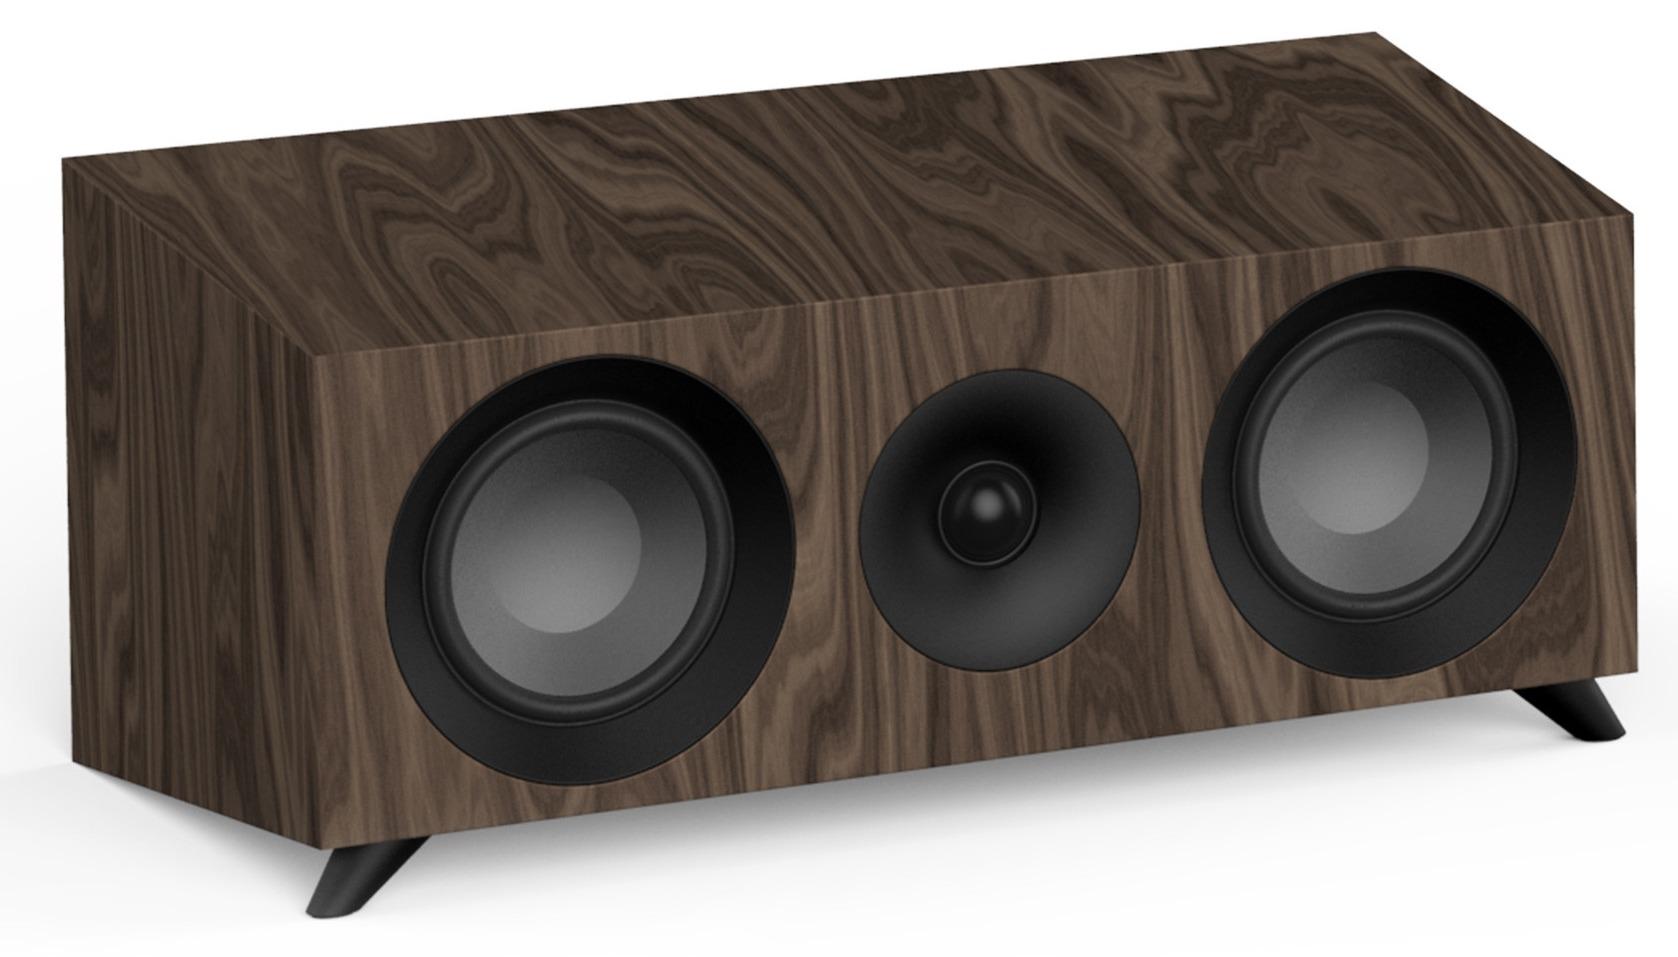 Foto van Jamo S 83 CEN /PCS Boekenplank speaker